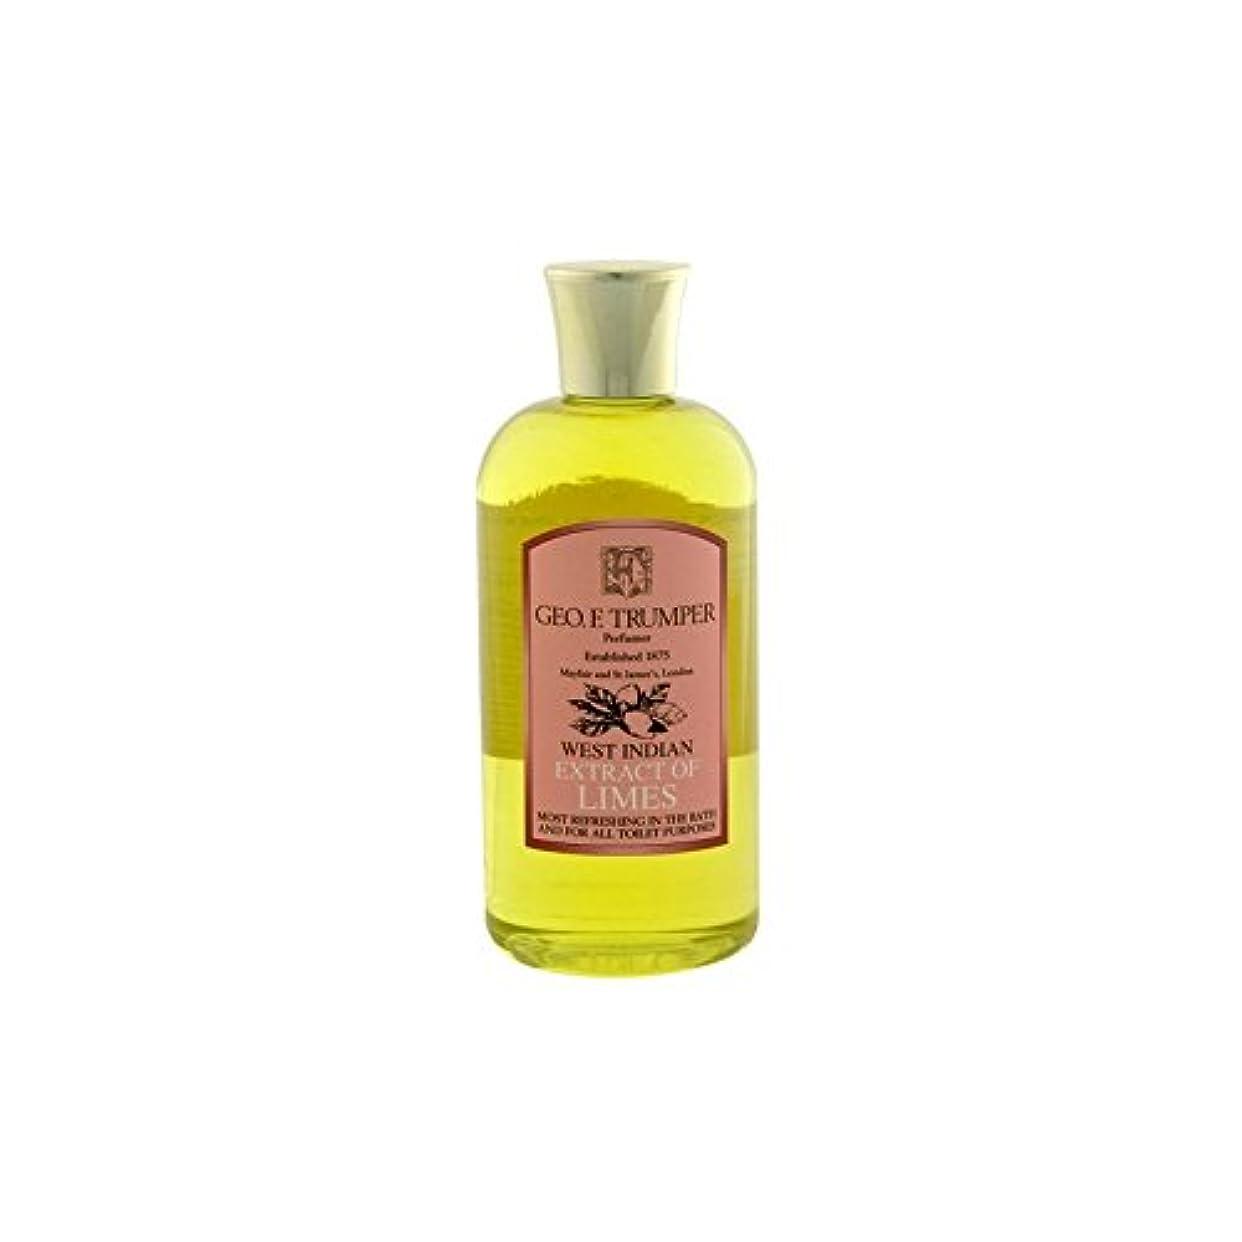 廃止認めるこどもの宮殿ライムのバス&シャワージェル - 500ミリリットル旅 x4 - Trumpers Limes Bath & Shower Gel - 500ml Travel (Pack of 4) [並行輸入品]